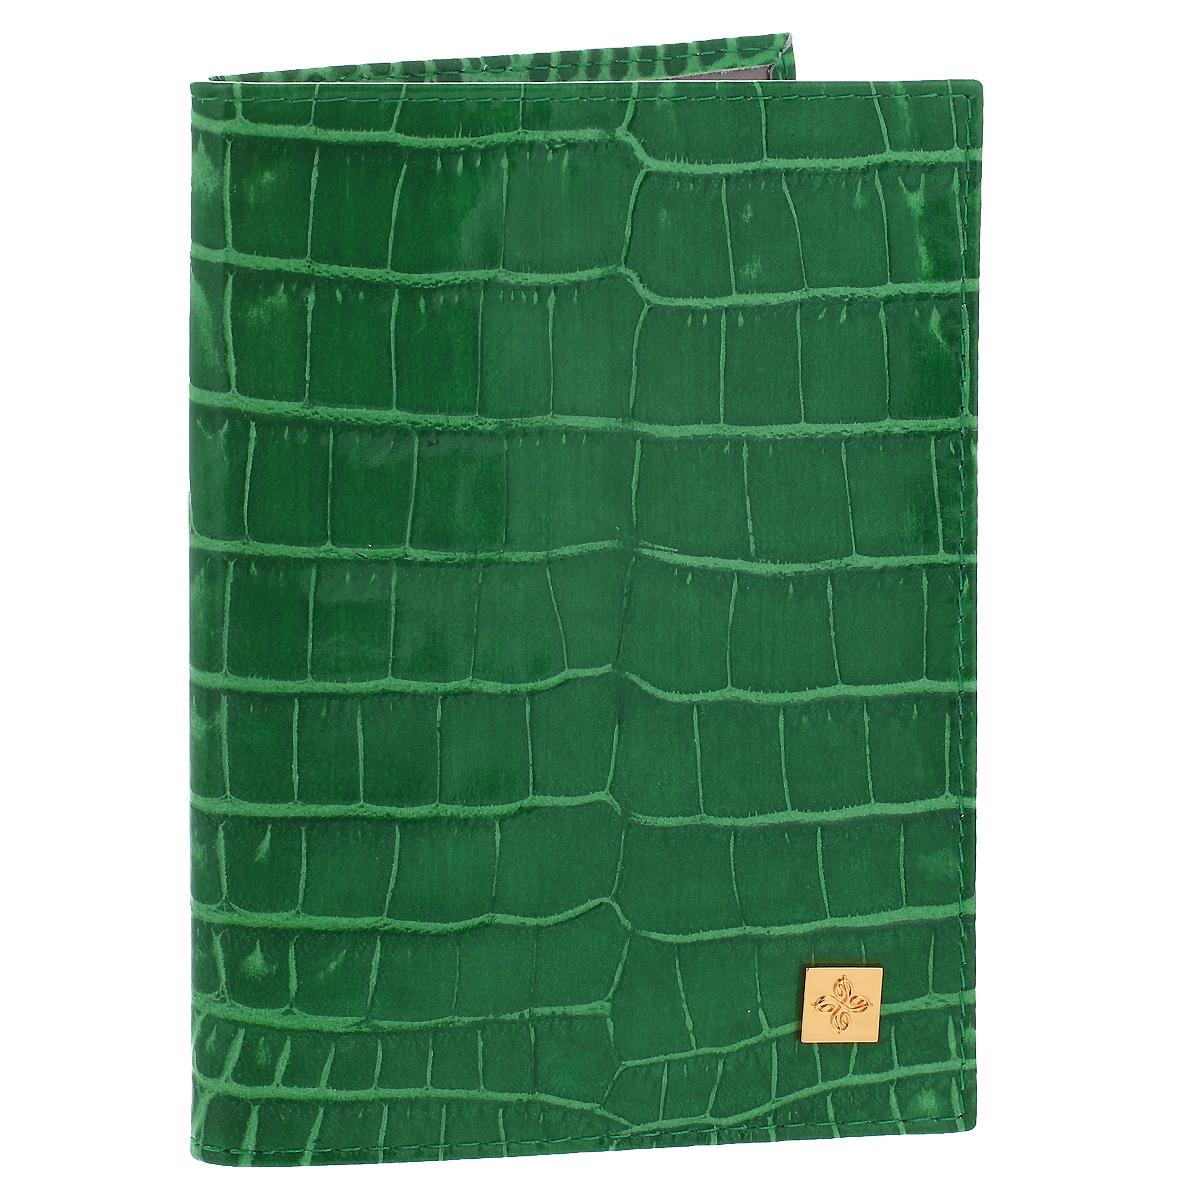 Обложка для паспорта Dimanche Казино, цвет: зеленый. 980Натуральная кожаОбложка для паспорта Казино выполнена из натуральной кожи с декоративным тиснением под крокодила. На внутреннем развороте - два кармашка из прозрачного пластика.Обложка не только поможет сохранить внешний вид ваших документов и защитит их от повреждений, но и станет стильным аксессуаром, который подчеркнет ваш неповторимый стиль.Обложка упакована в коробку из плотного картона с логотипом фирмы. Характеристики:Материал: натуральная кожа, ПВХ. Цвет: зеленый Размер обложки: 9,5 см х 13,5 см х 1,5 см.